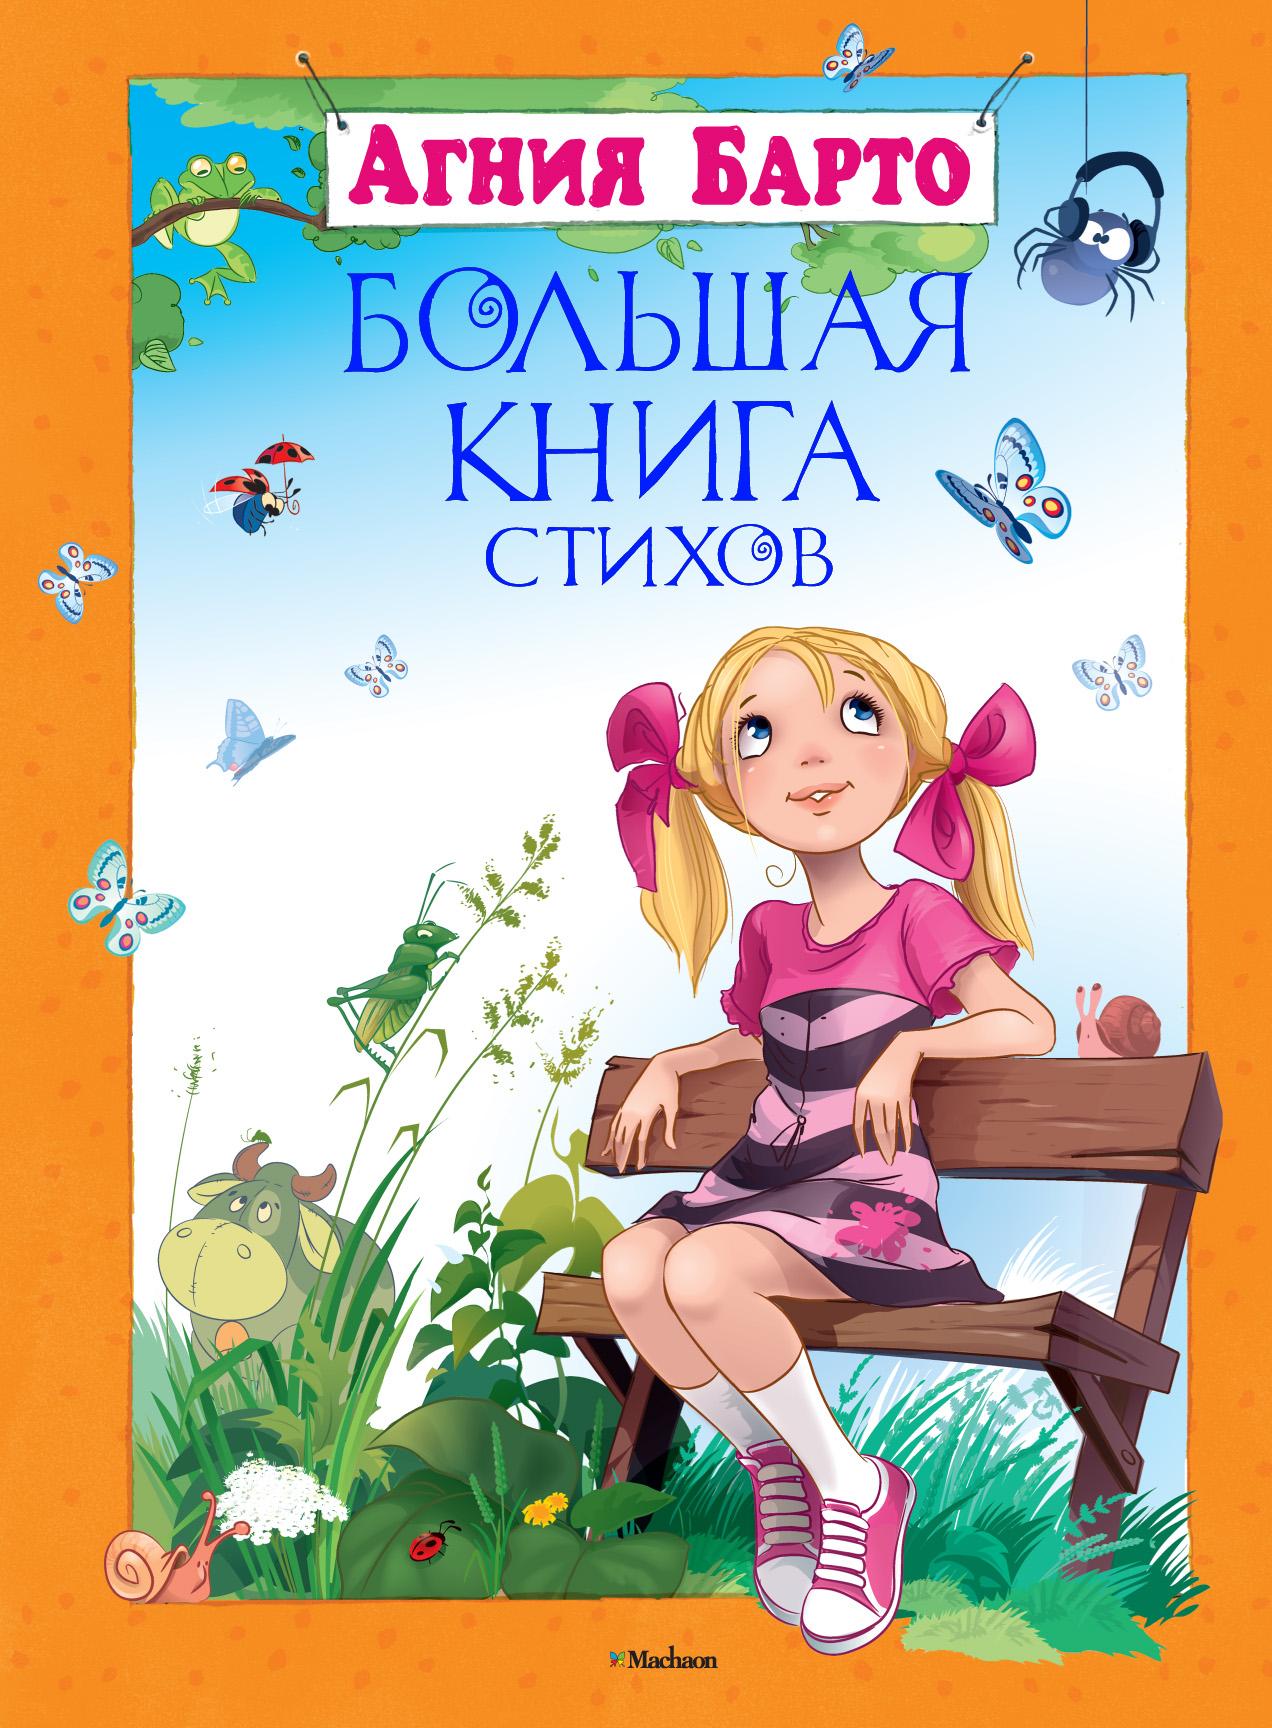 Большая книга стихов (нов.обл.). Барто